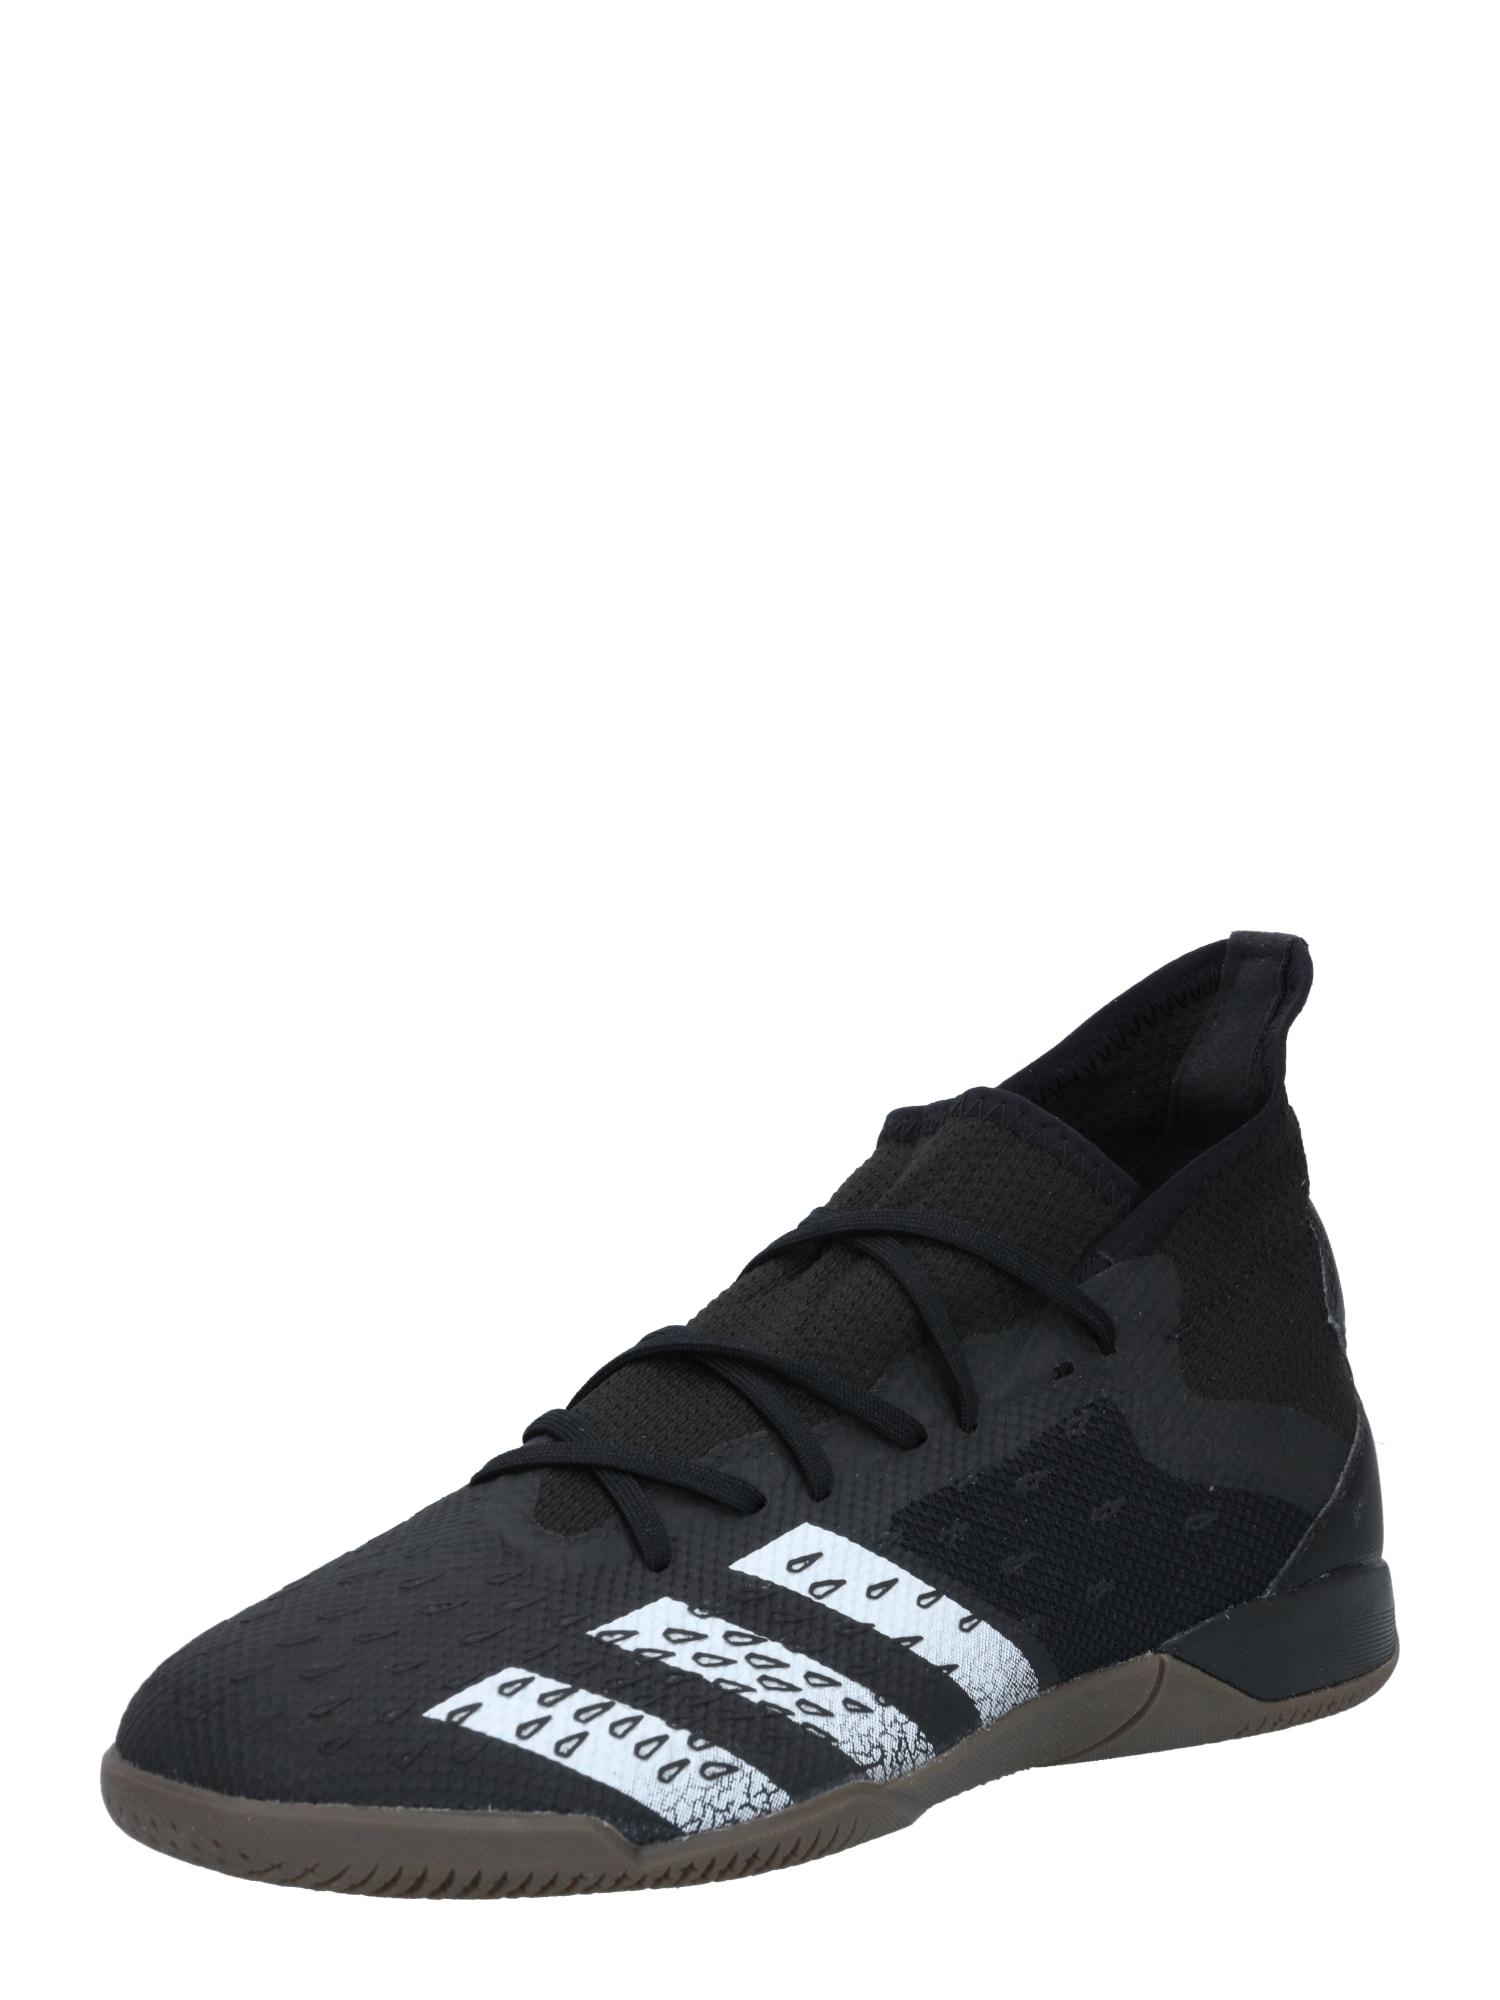 ADIDAS PERFORMANCE Sportovní boty 'PREDATOR FREAK'  černá / bílá